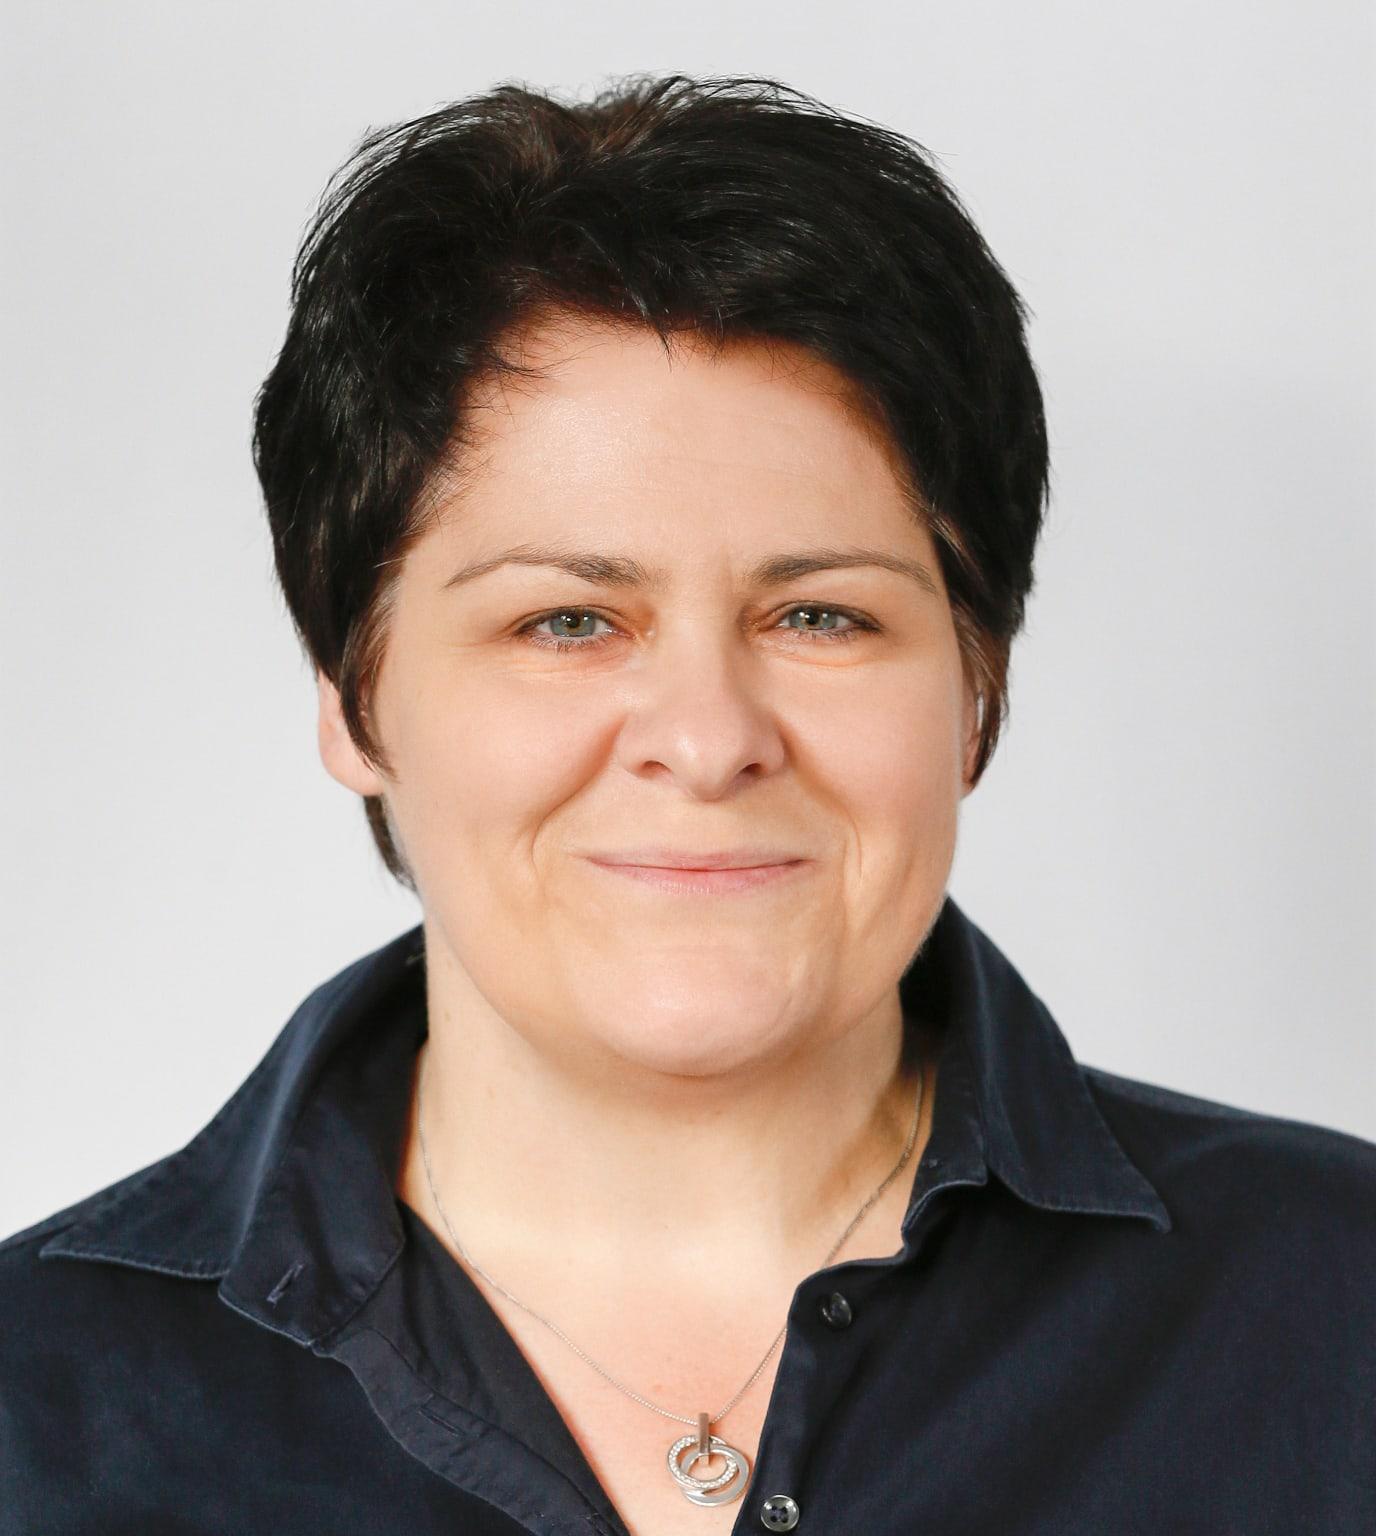 Maren Stumpenhorst